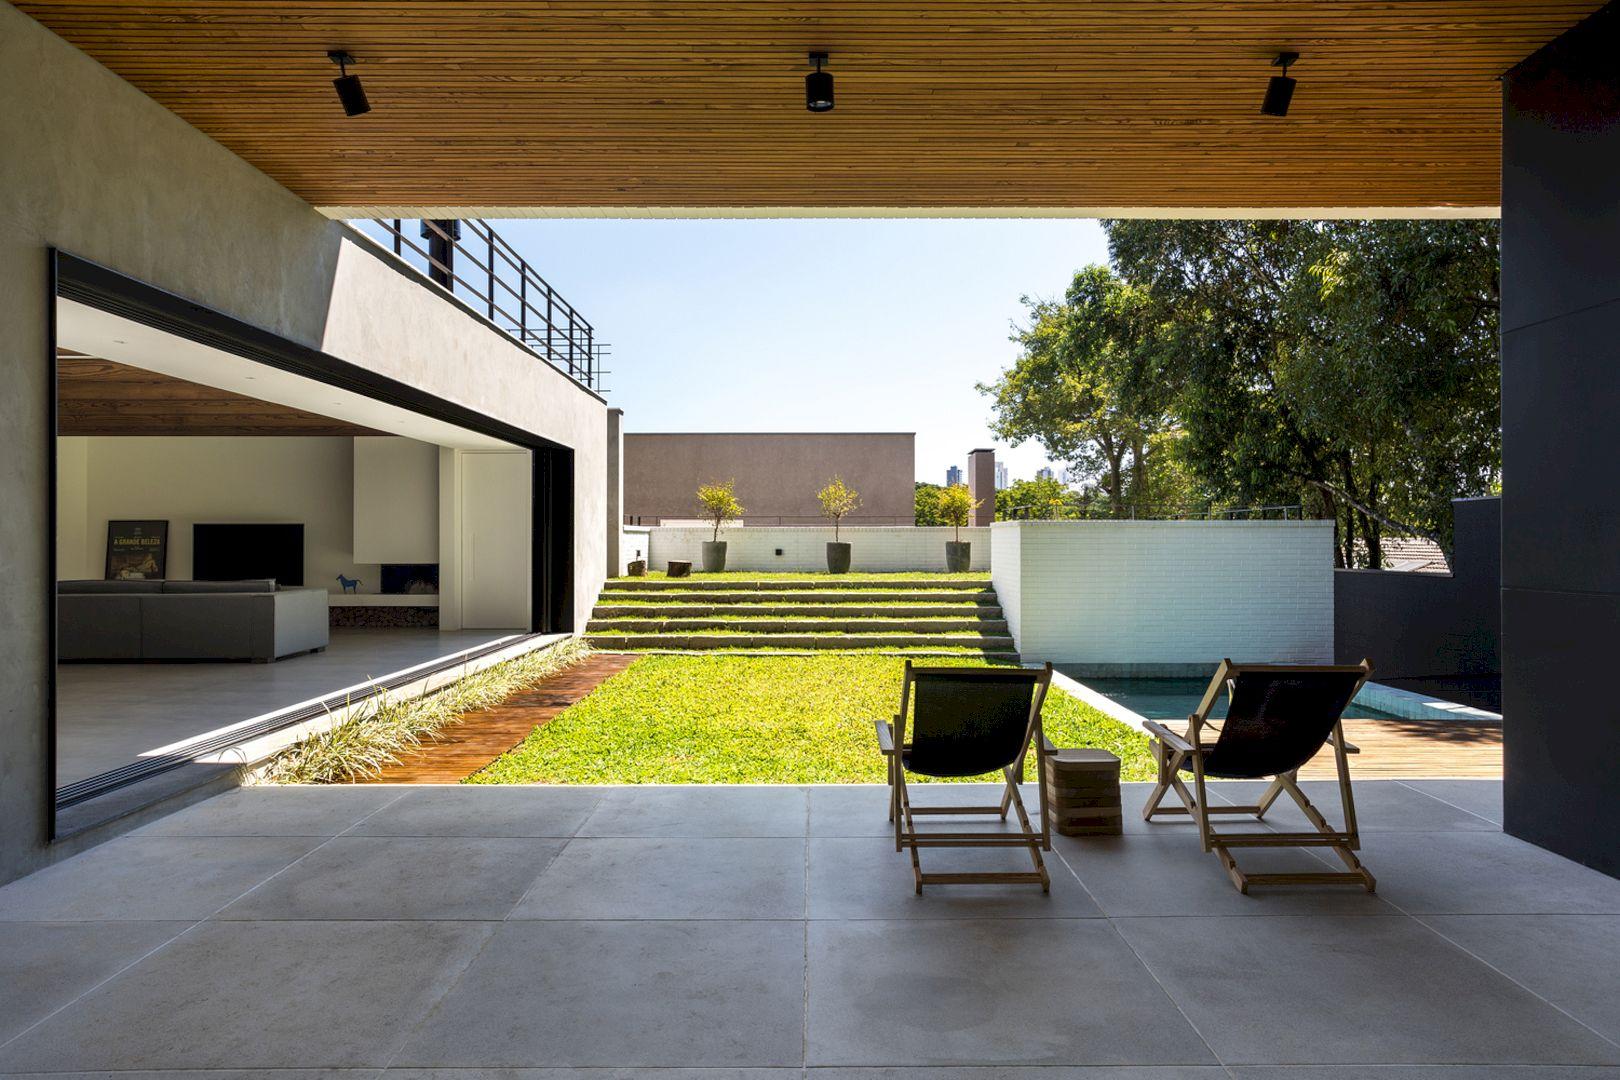 Casa AC By Nommo Arquitetos 11